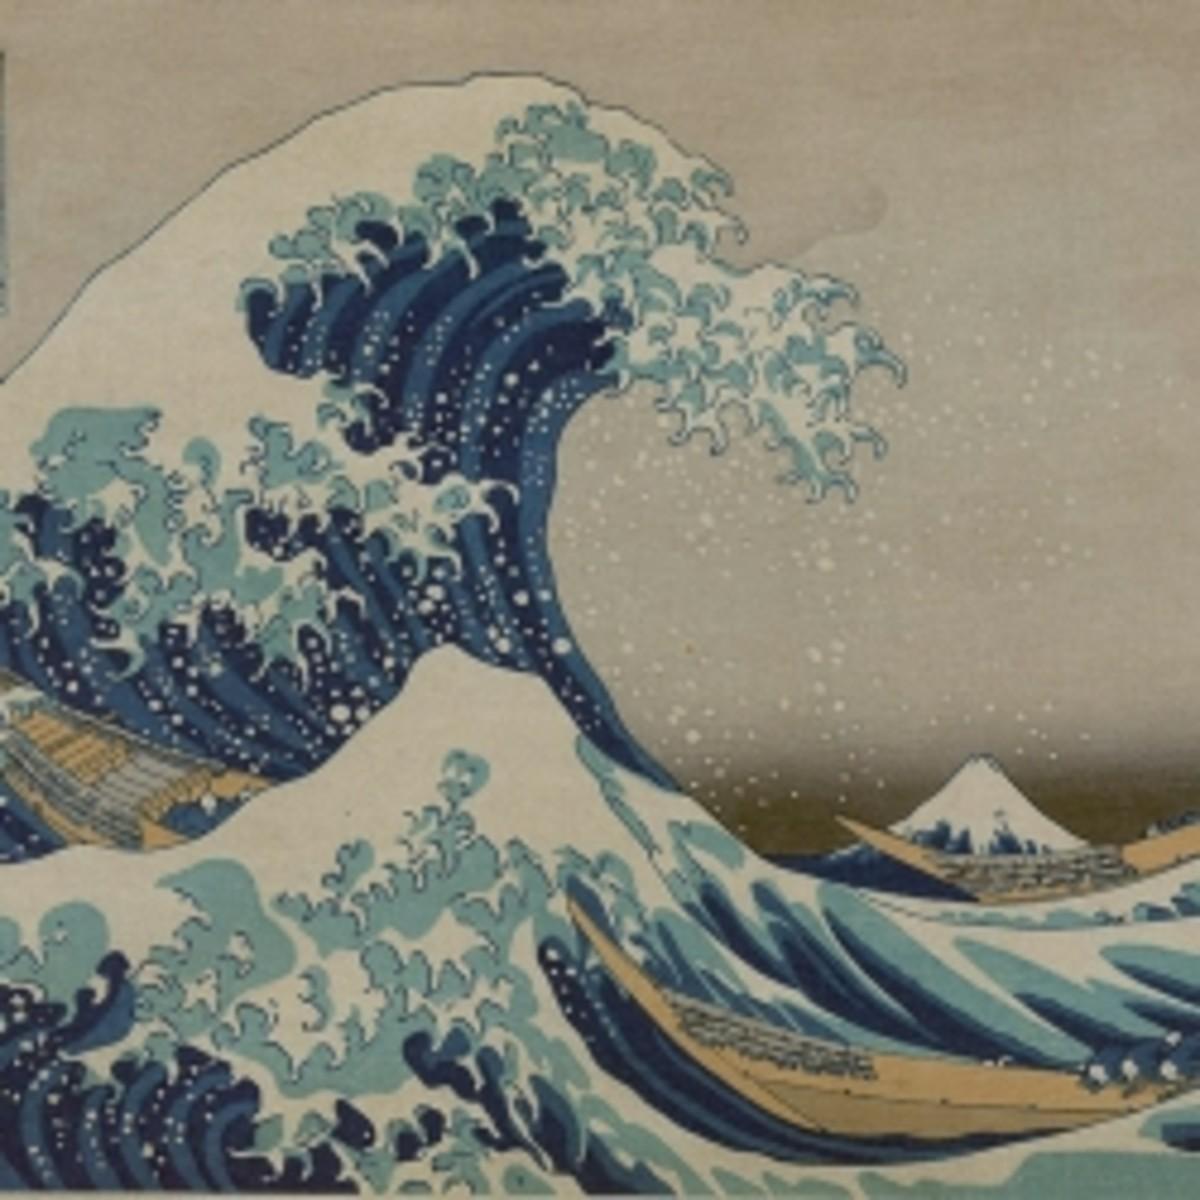 About Hokusai - Japanese ukiyo-e artist